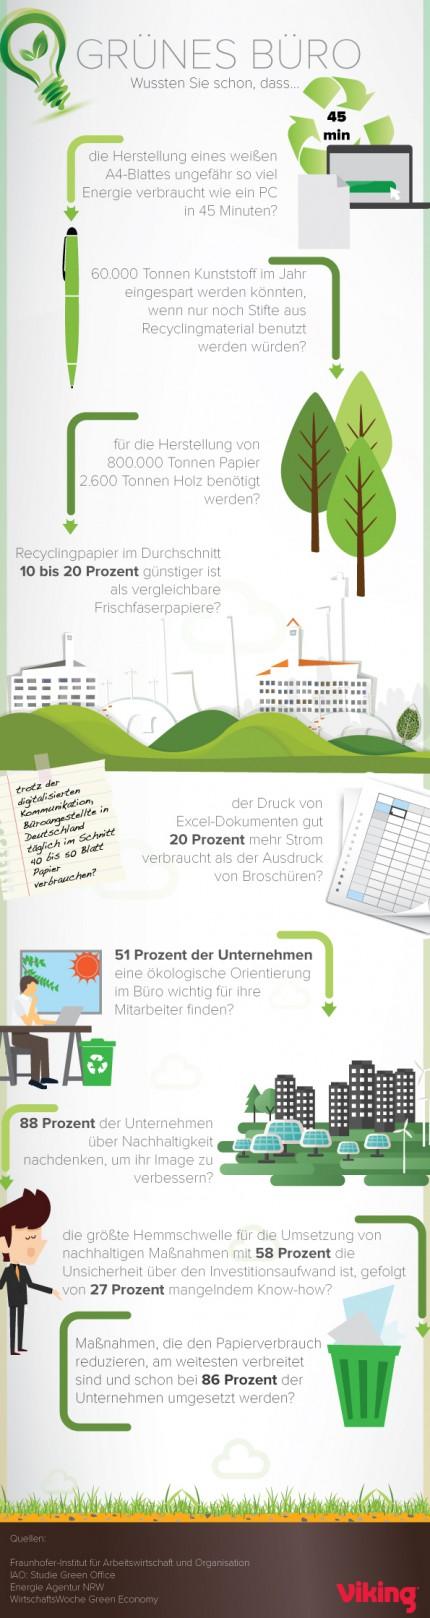 Tipps und Tricks für ein rundum nachhaltiges Arbeitsumfeld © Viking blog: Entspannt arbeiten